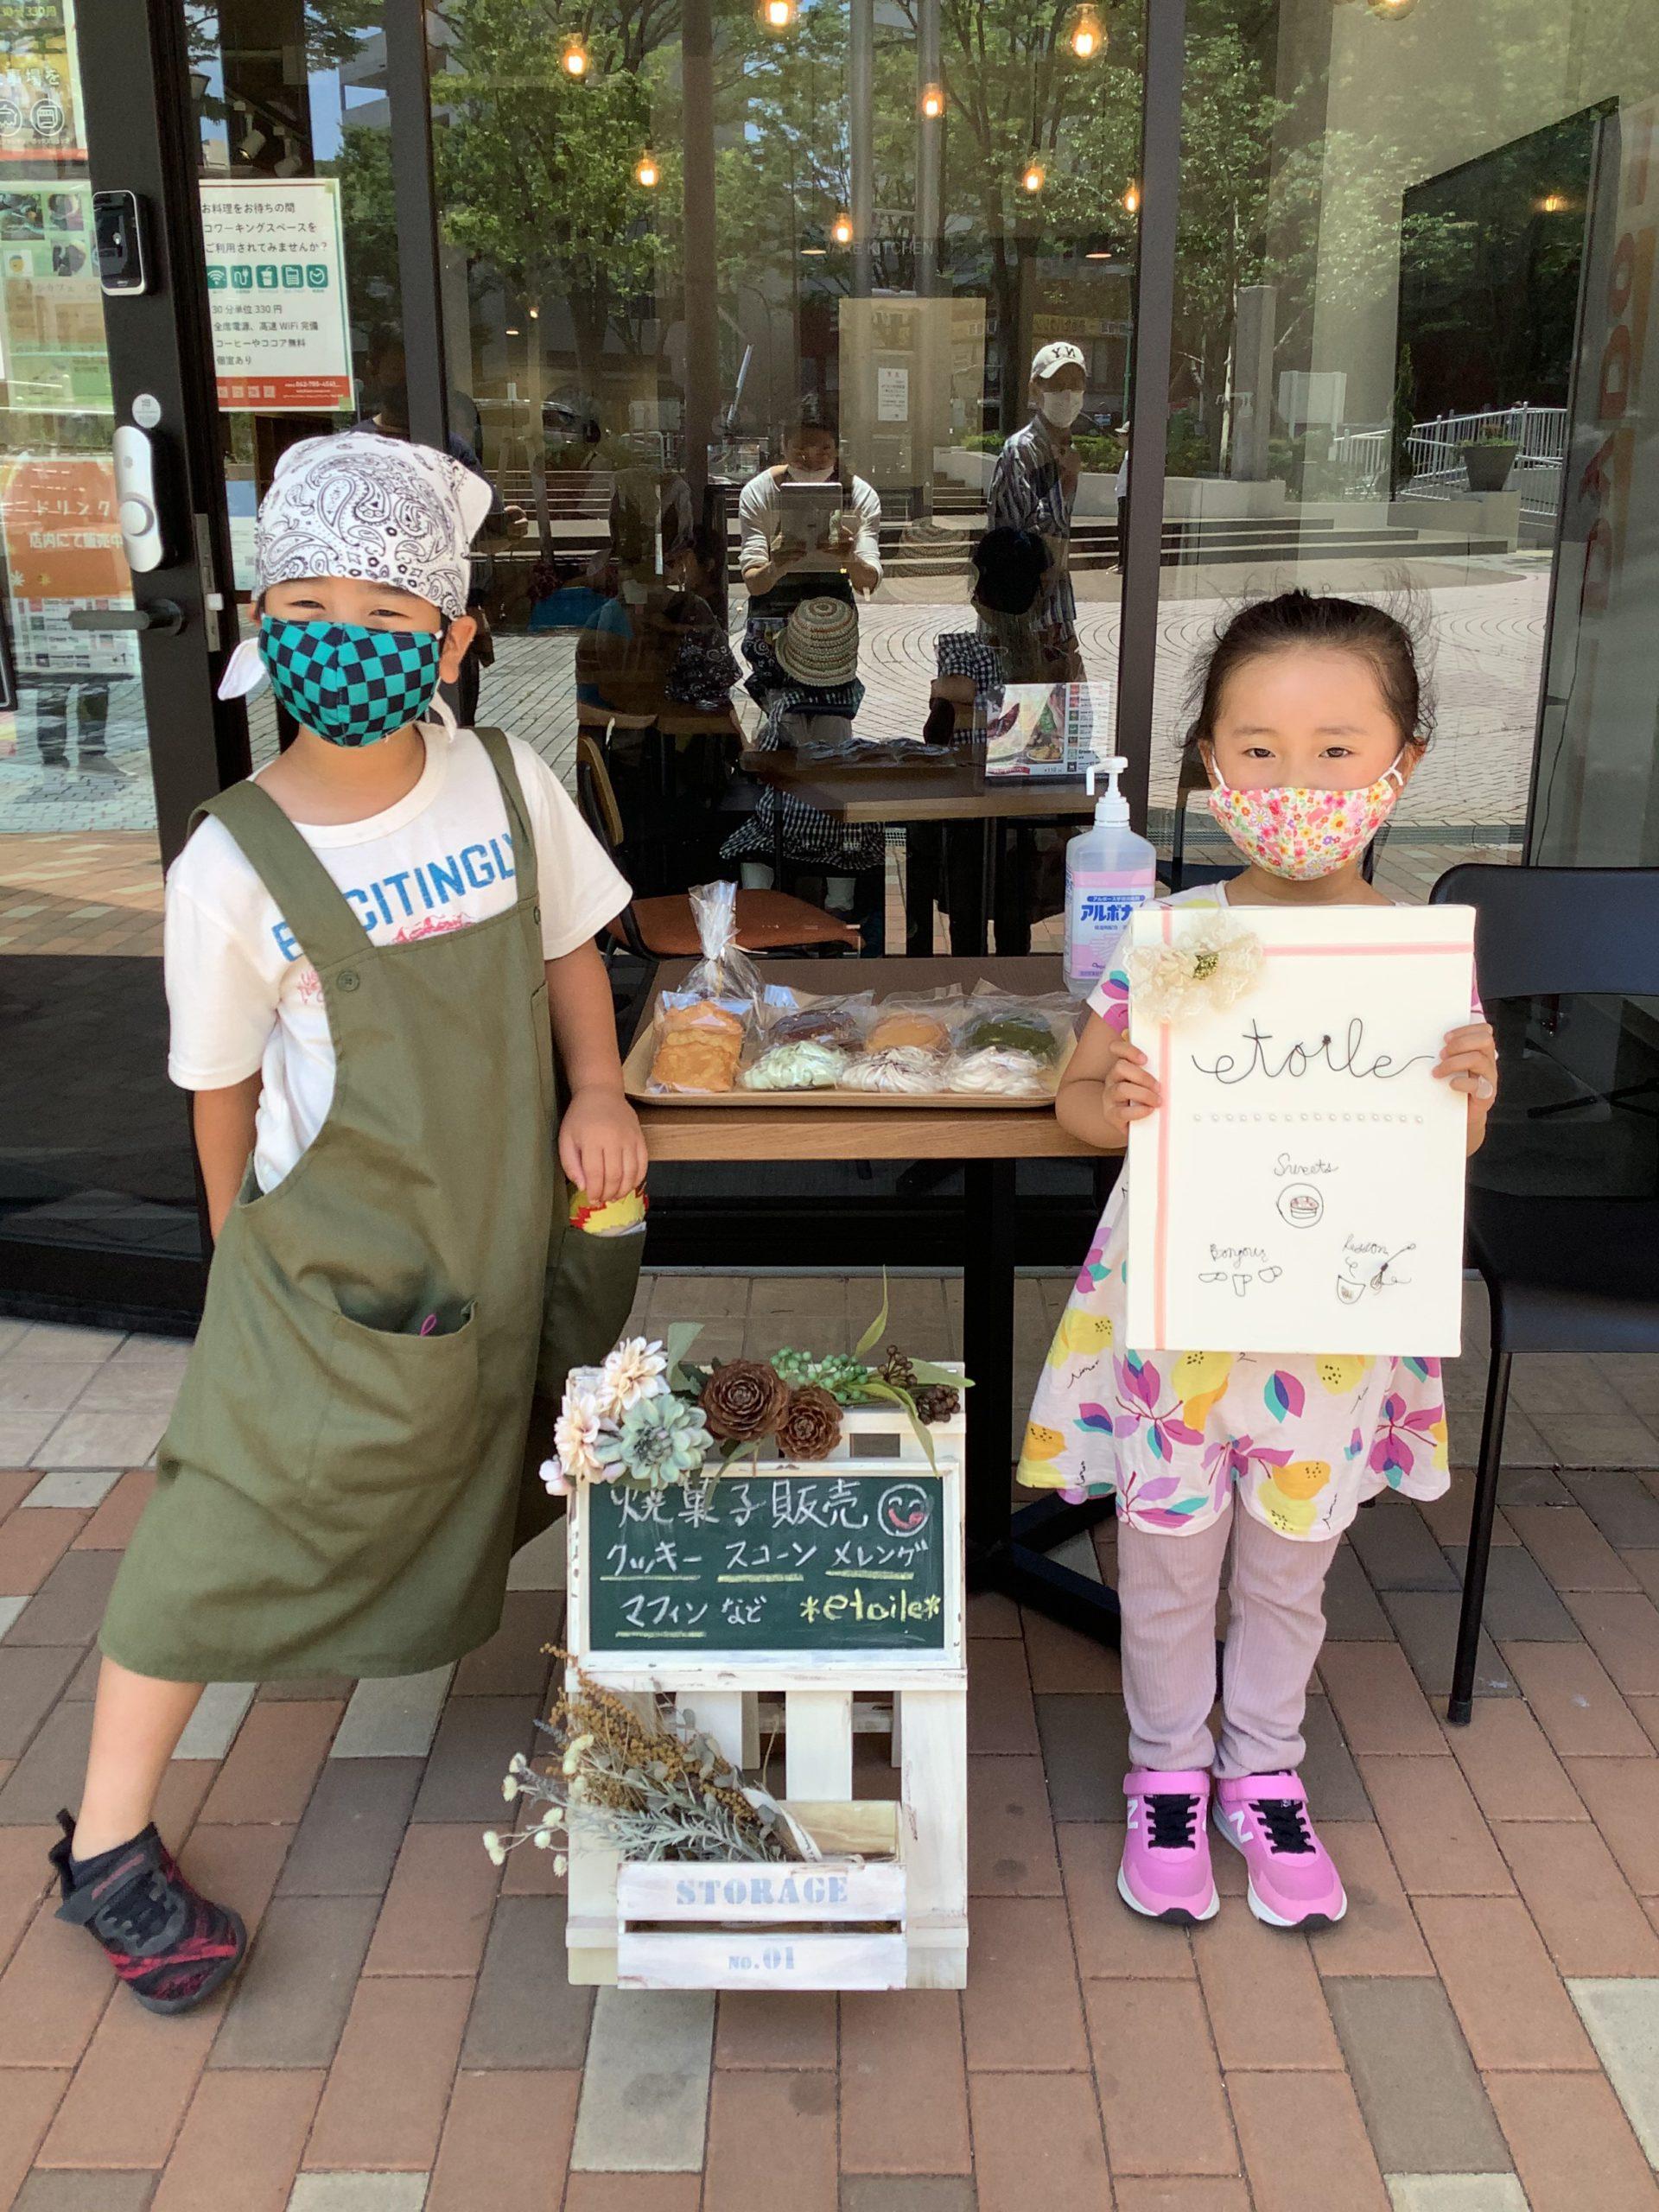 6月「etoile」さんカフェ営業レポート